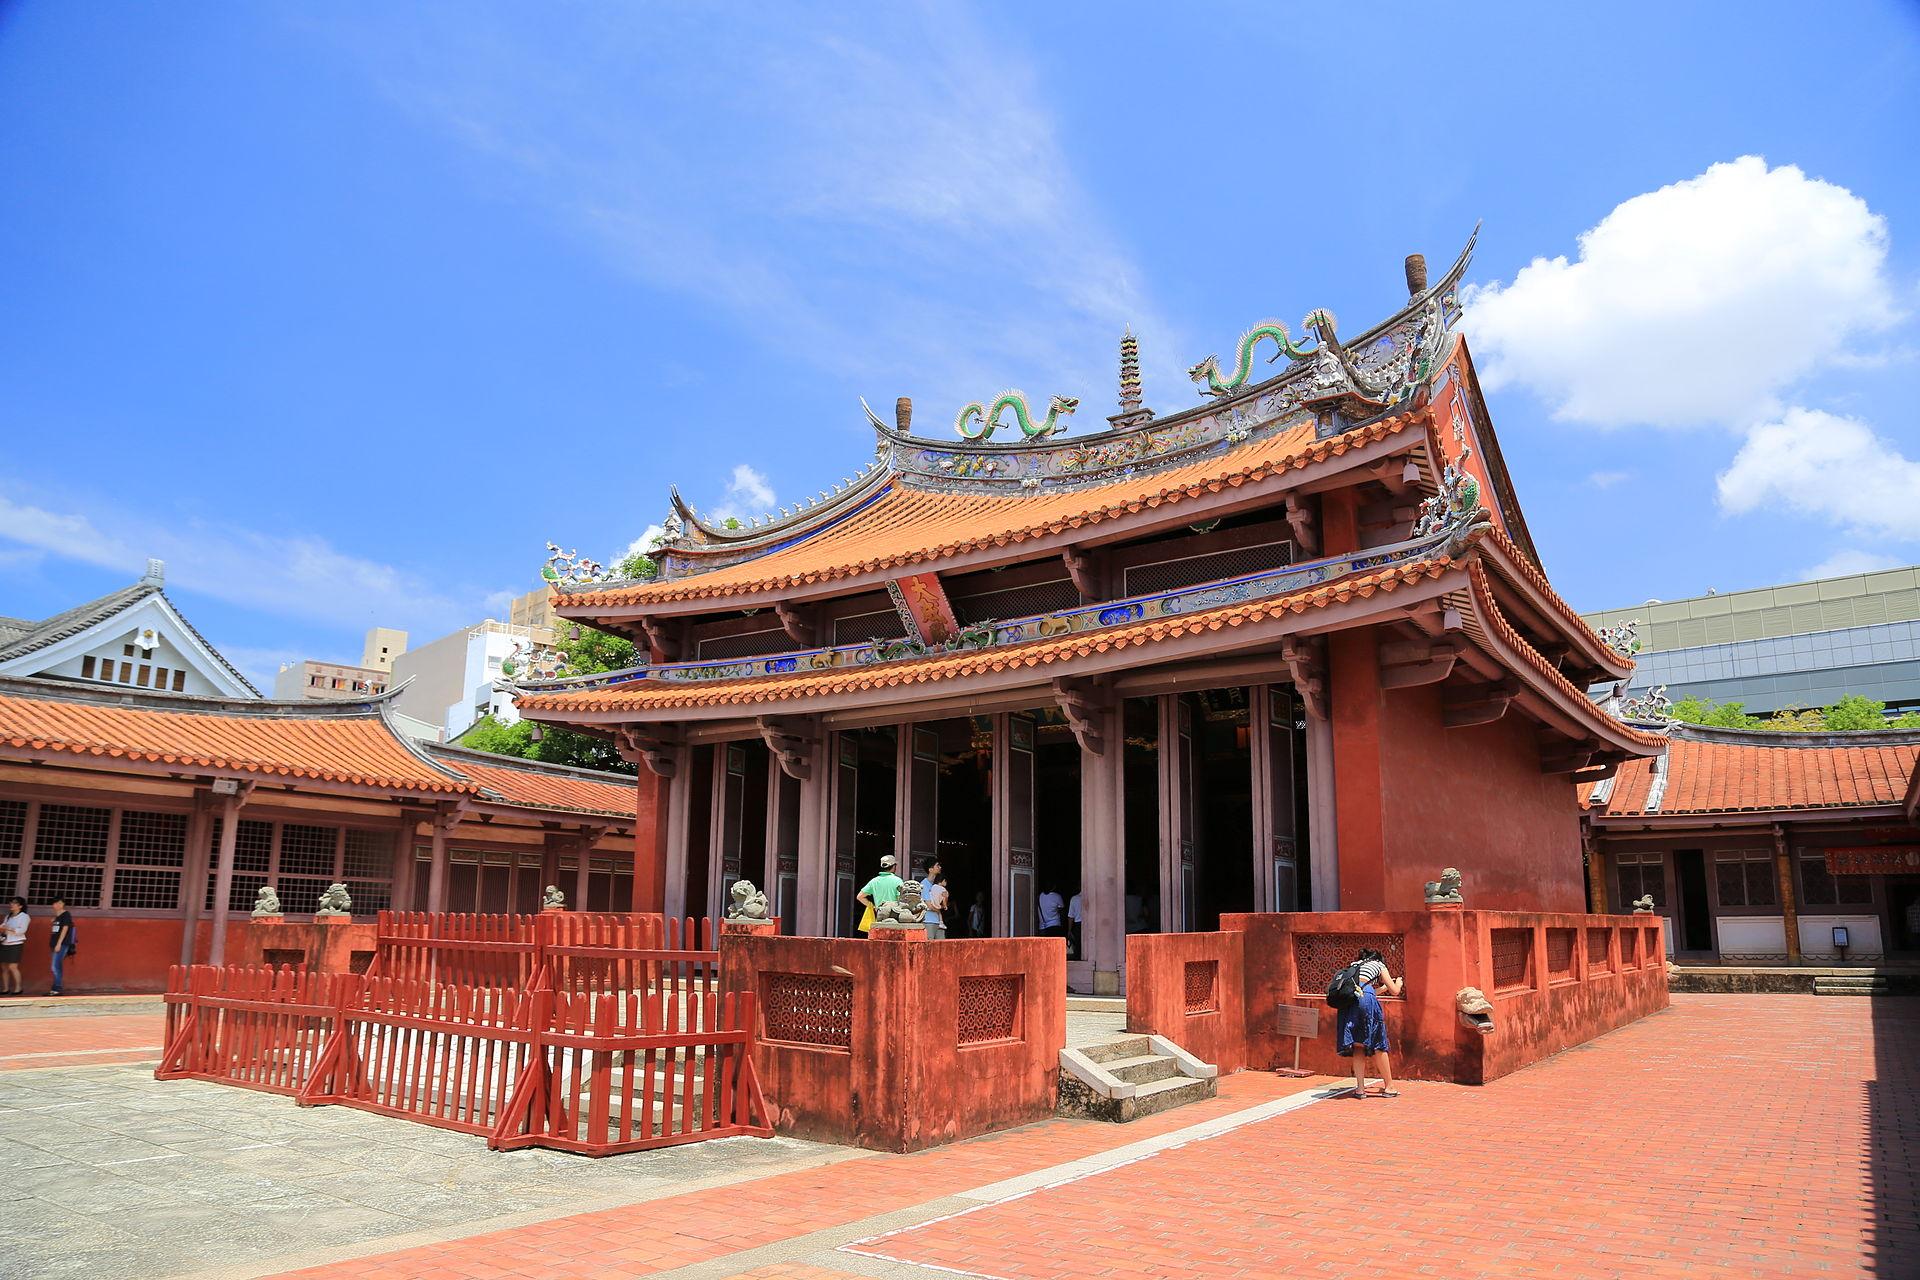 台南孔子廟 | Tainan Confucius Temple